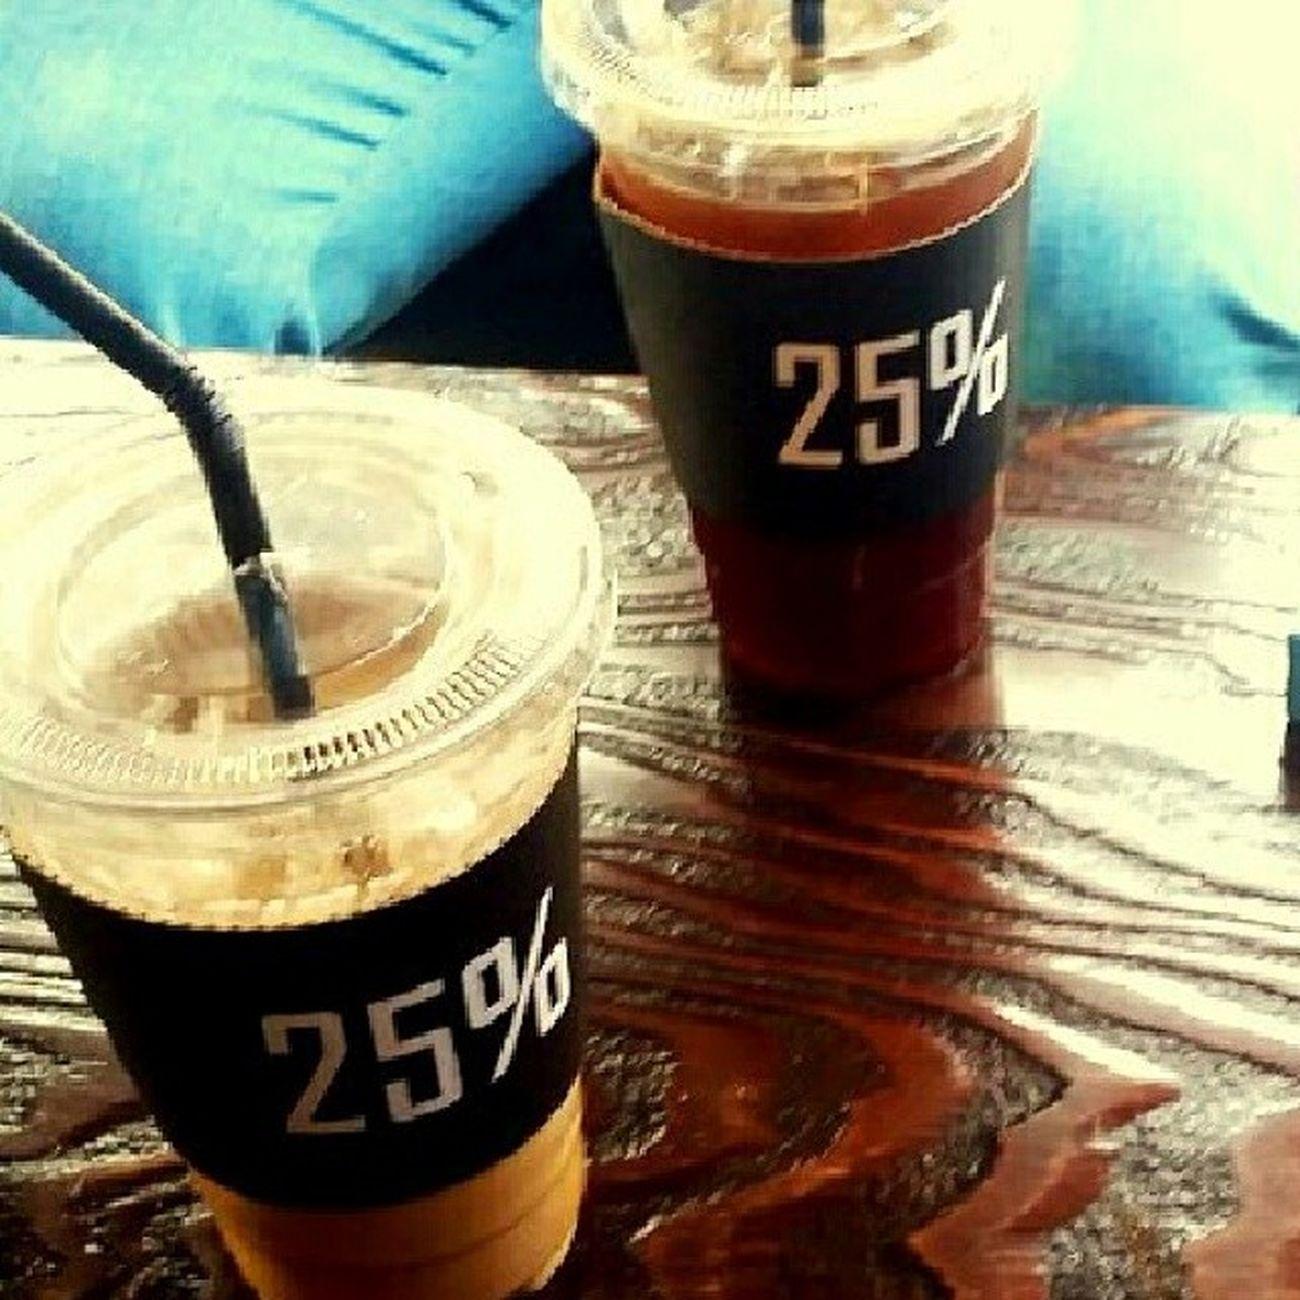 25 %  커피  가로수길  헤이즐넛 하루에 같은까페두번이지만 맥주보다 맛나는 헤이즐넛 yehhhhhhhh